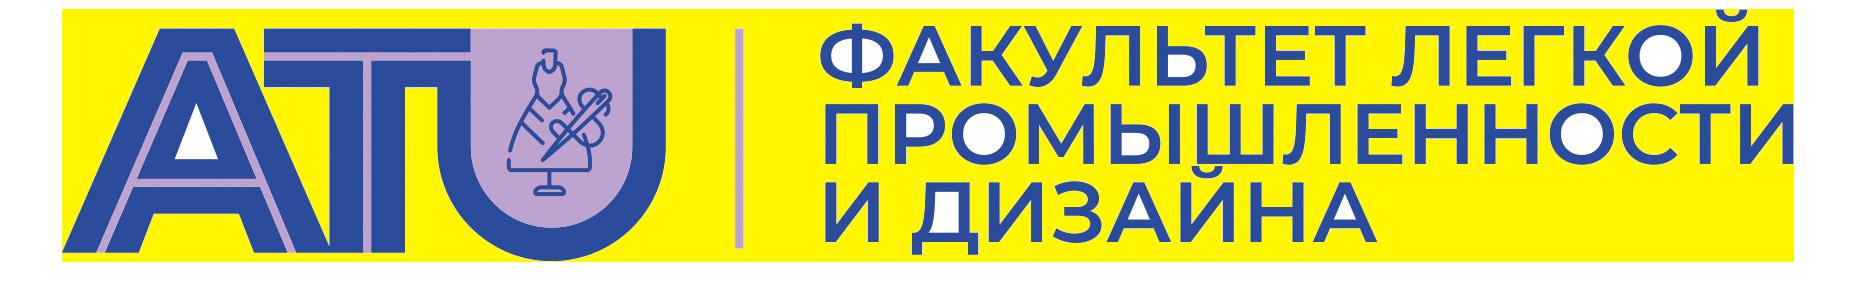 Факультет Легкой Промышленности и Дизайна